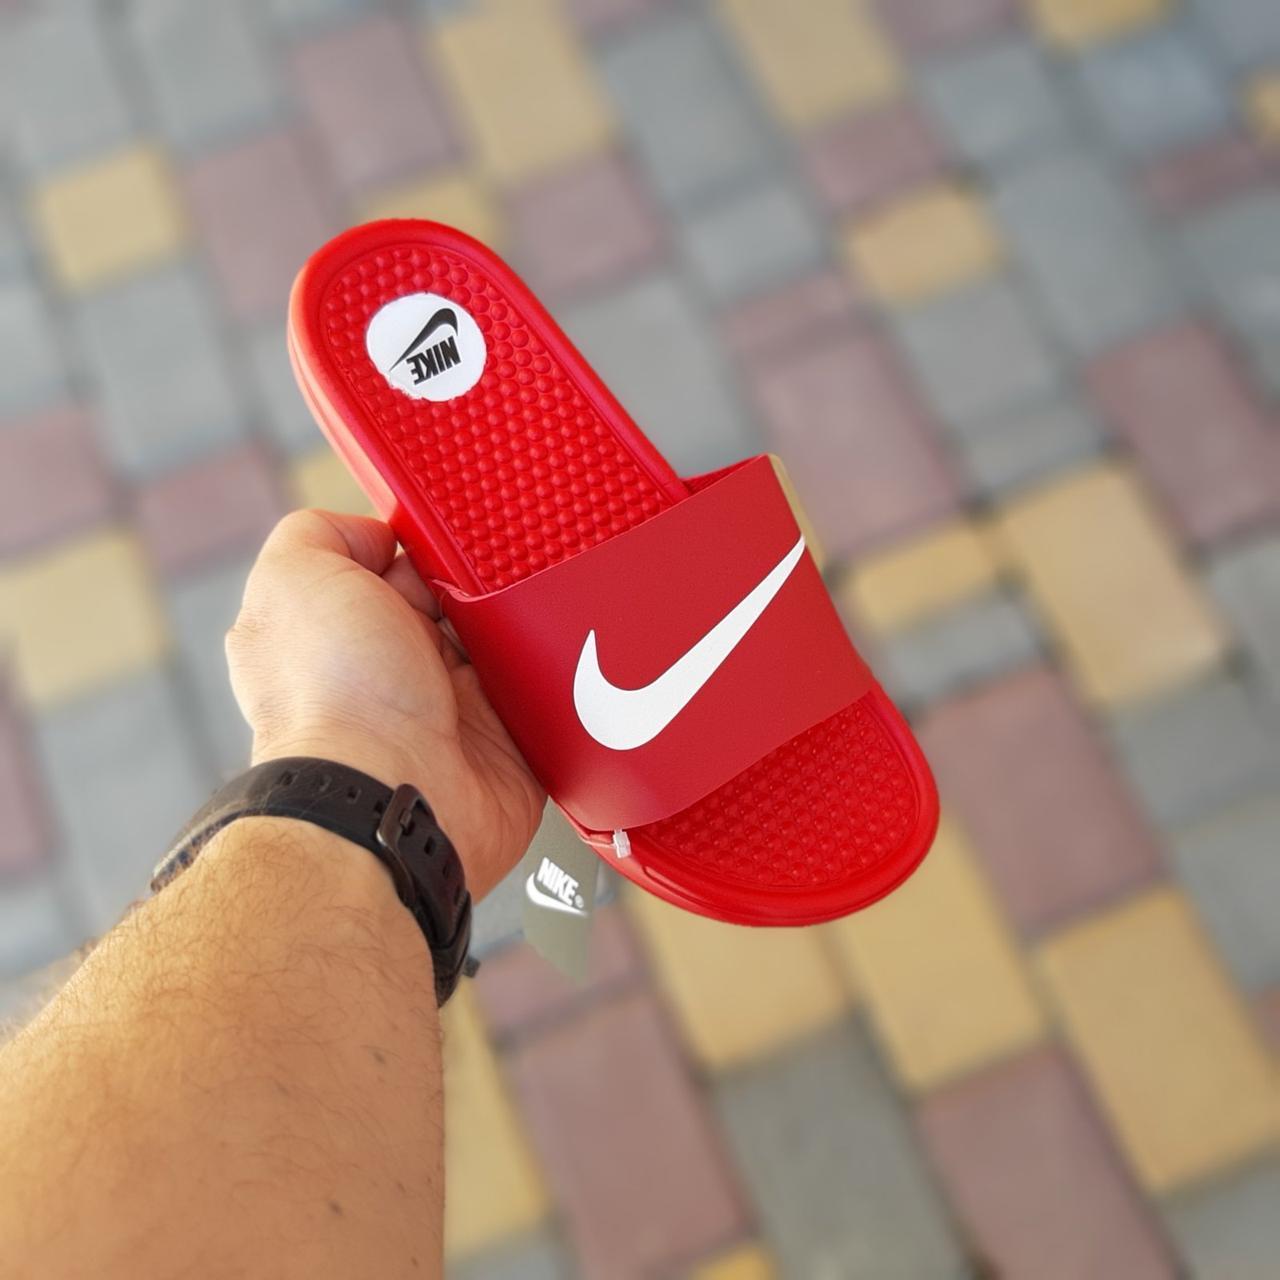 Жіночі сланці Nike Red,репліка